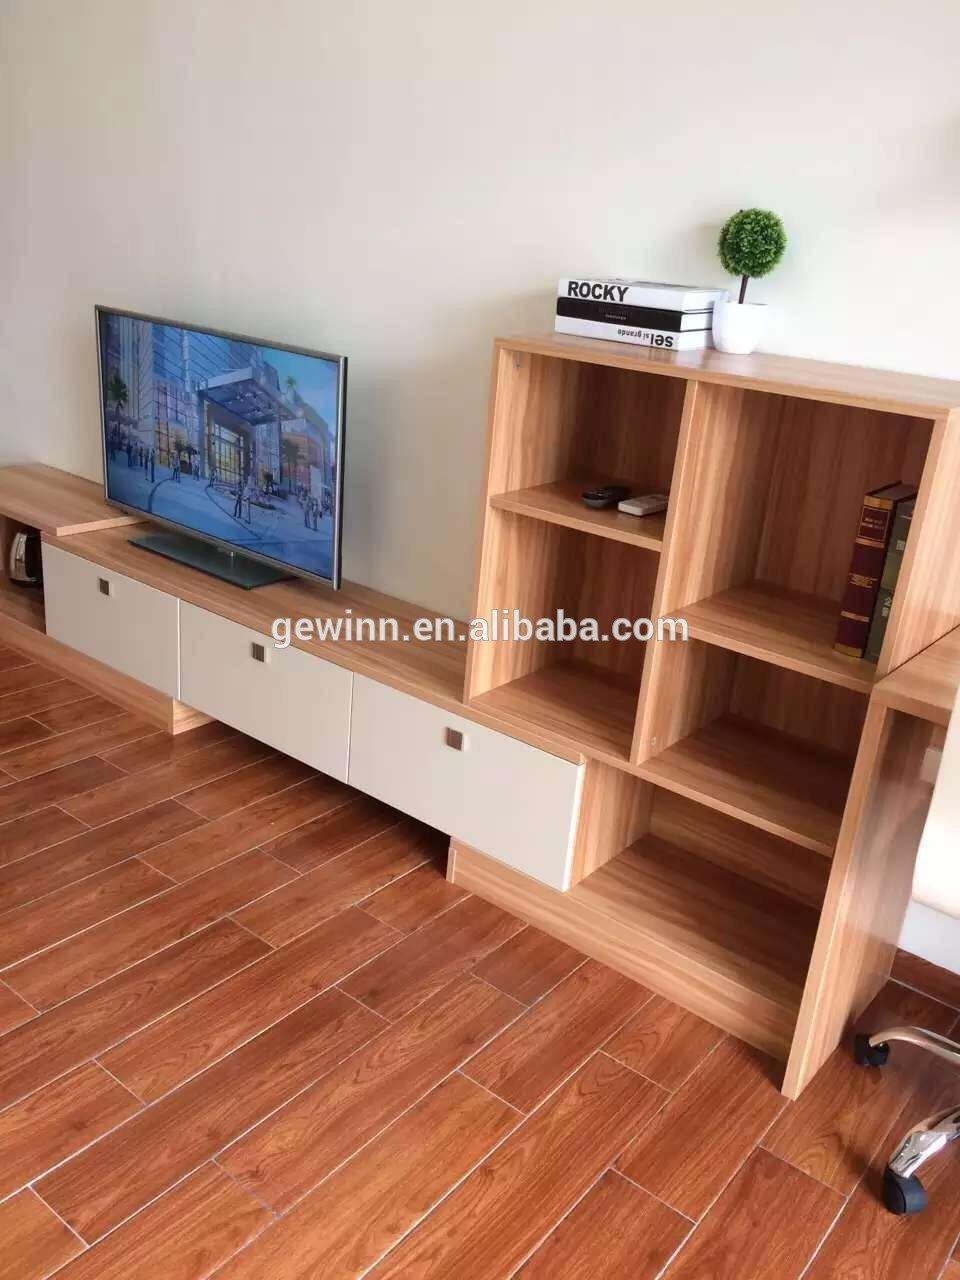 Gewinn auto-cutting woodworking machines for sale machine-12